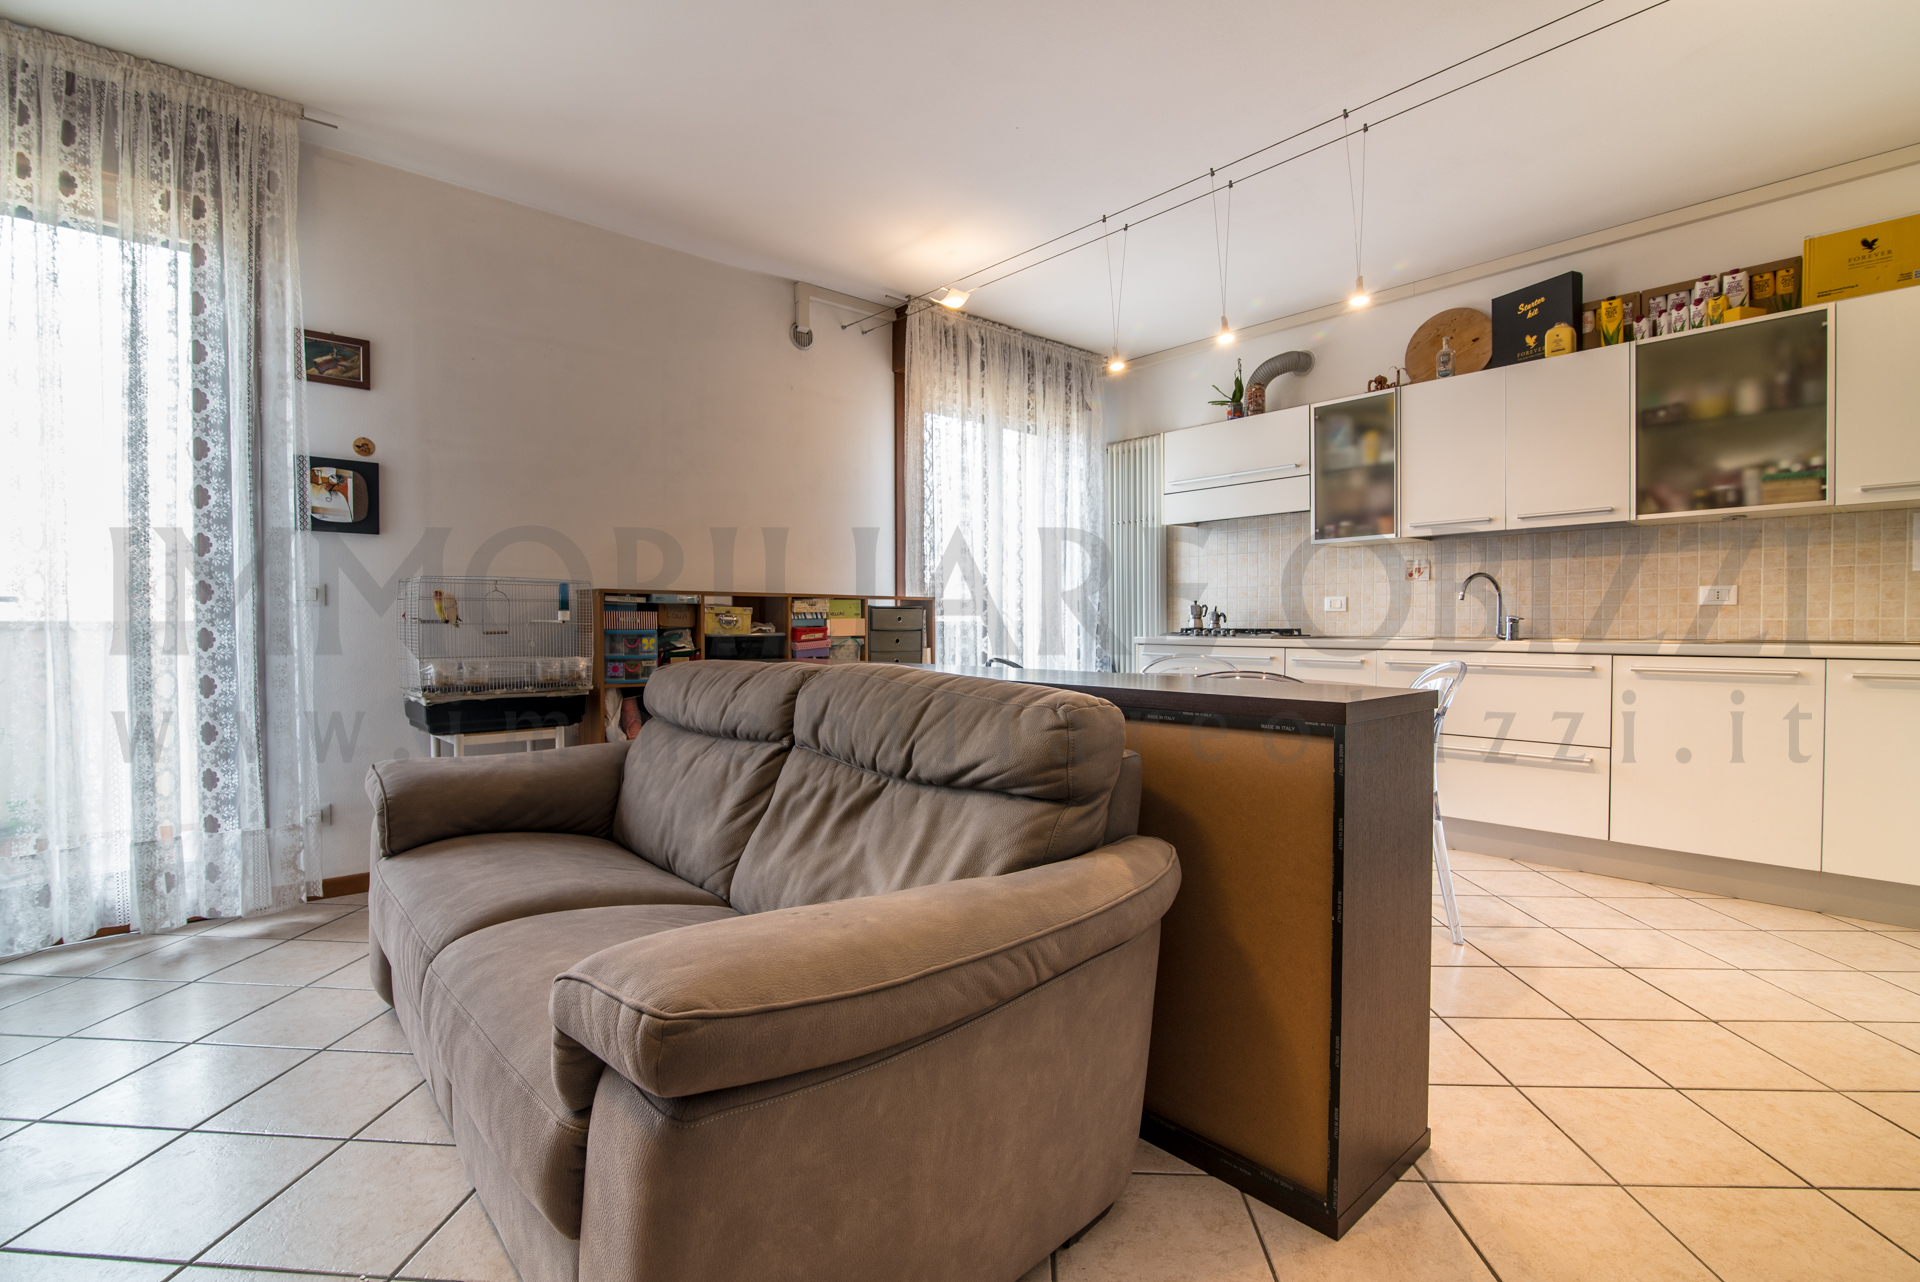 ALBIGNASEGO – SANT'AGOSTINO, appartamento duplex con due camere